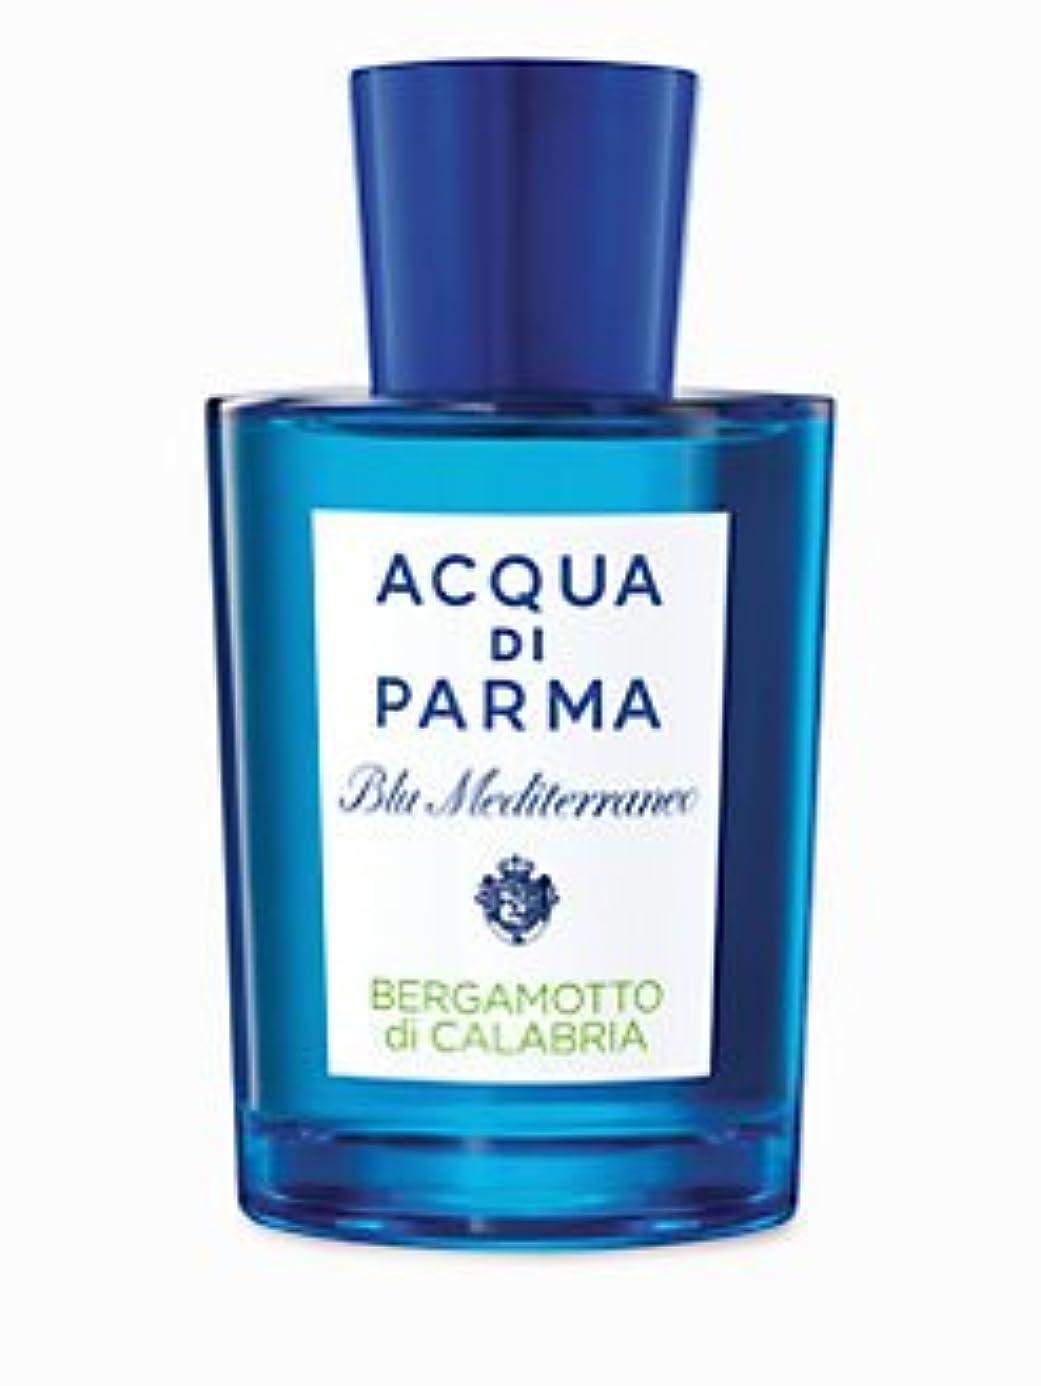 以上惨めな病者Blu Mediterraneo Bergamotto di Calabria (ブルー メディタレーネオ ベルガモット カラブリア) 2.0 oz (60ml) EDT Spray by Acqua di Parma